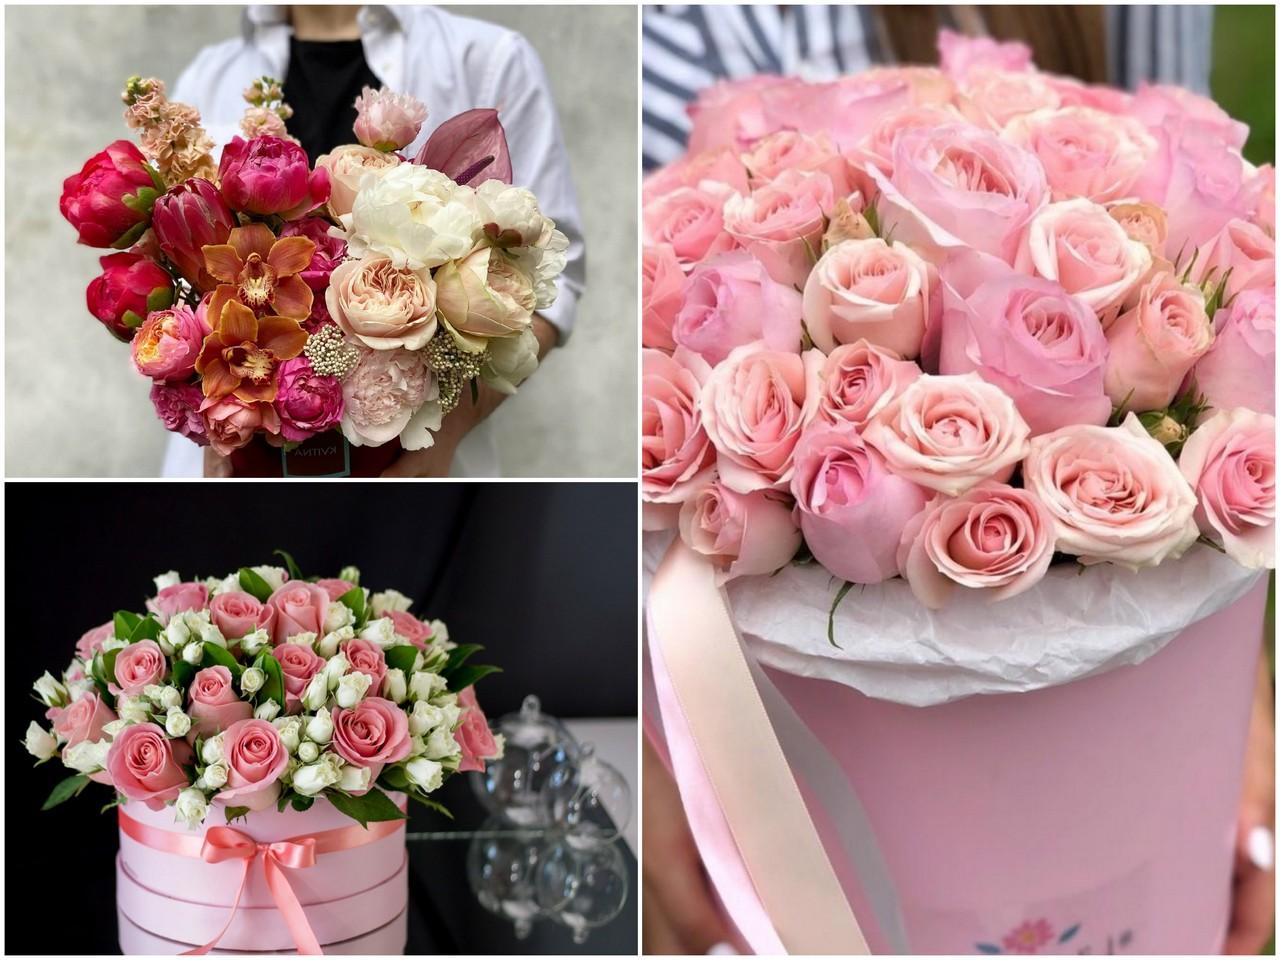 Цветы в шляпной коробке - особенности подарка